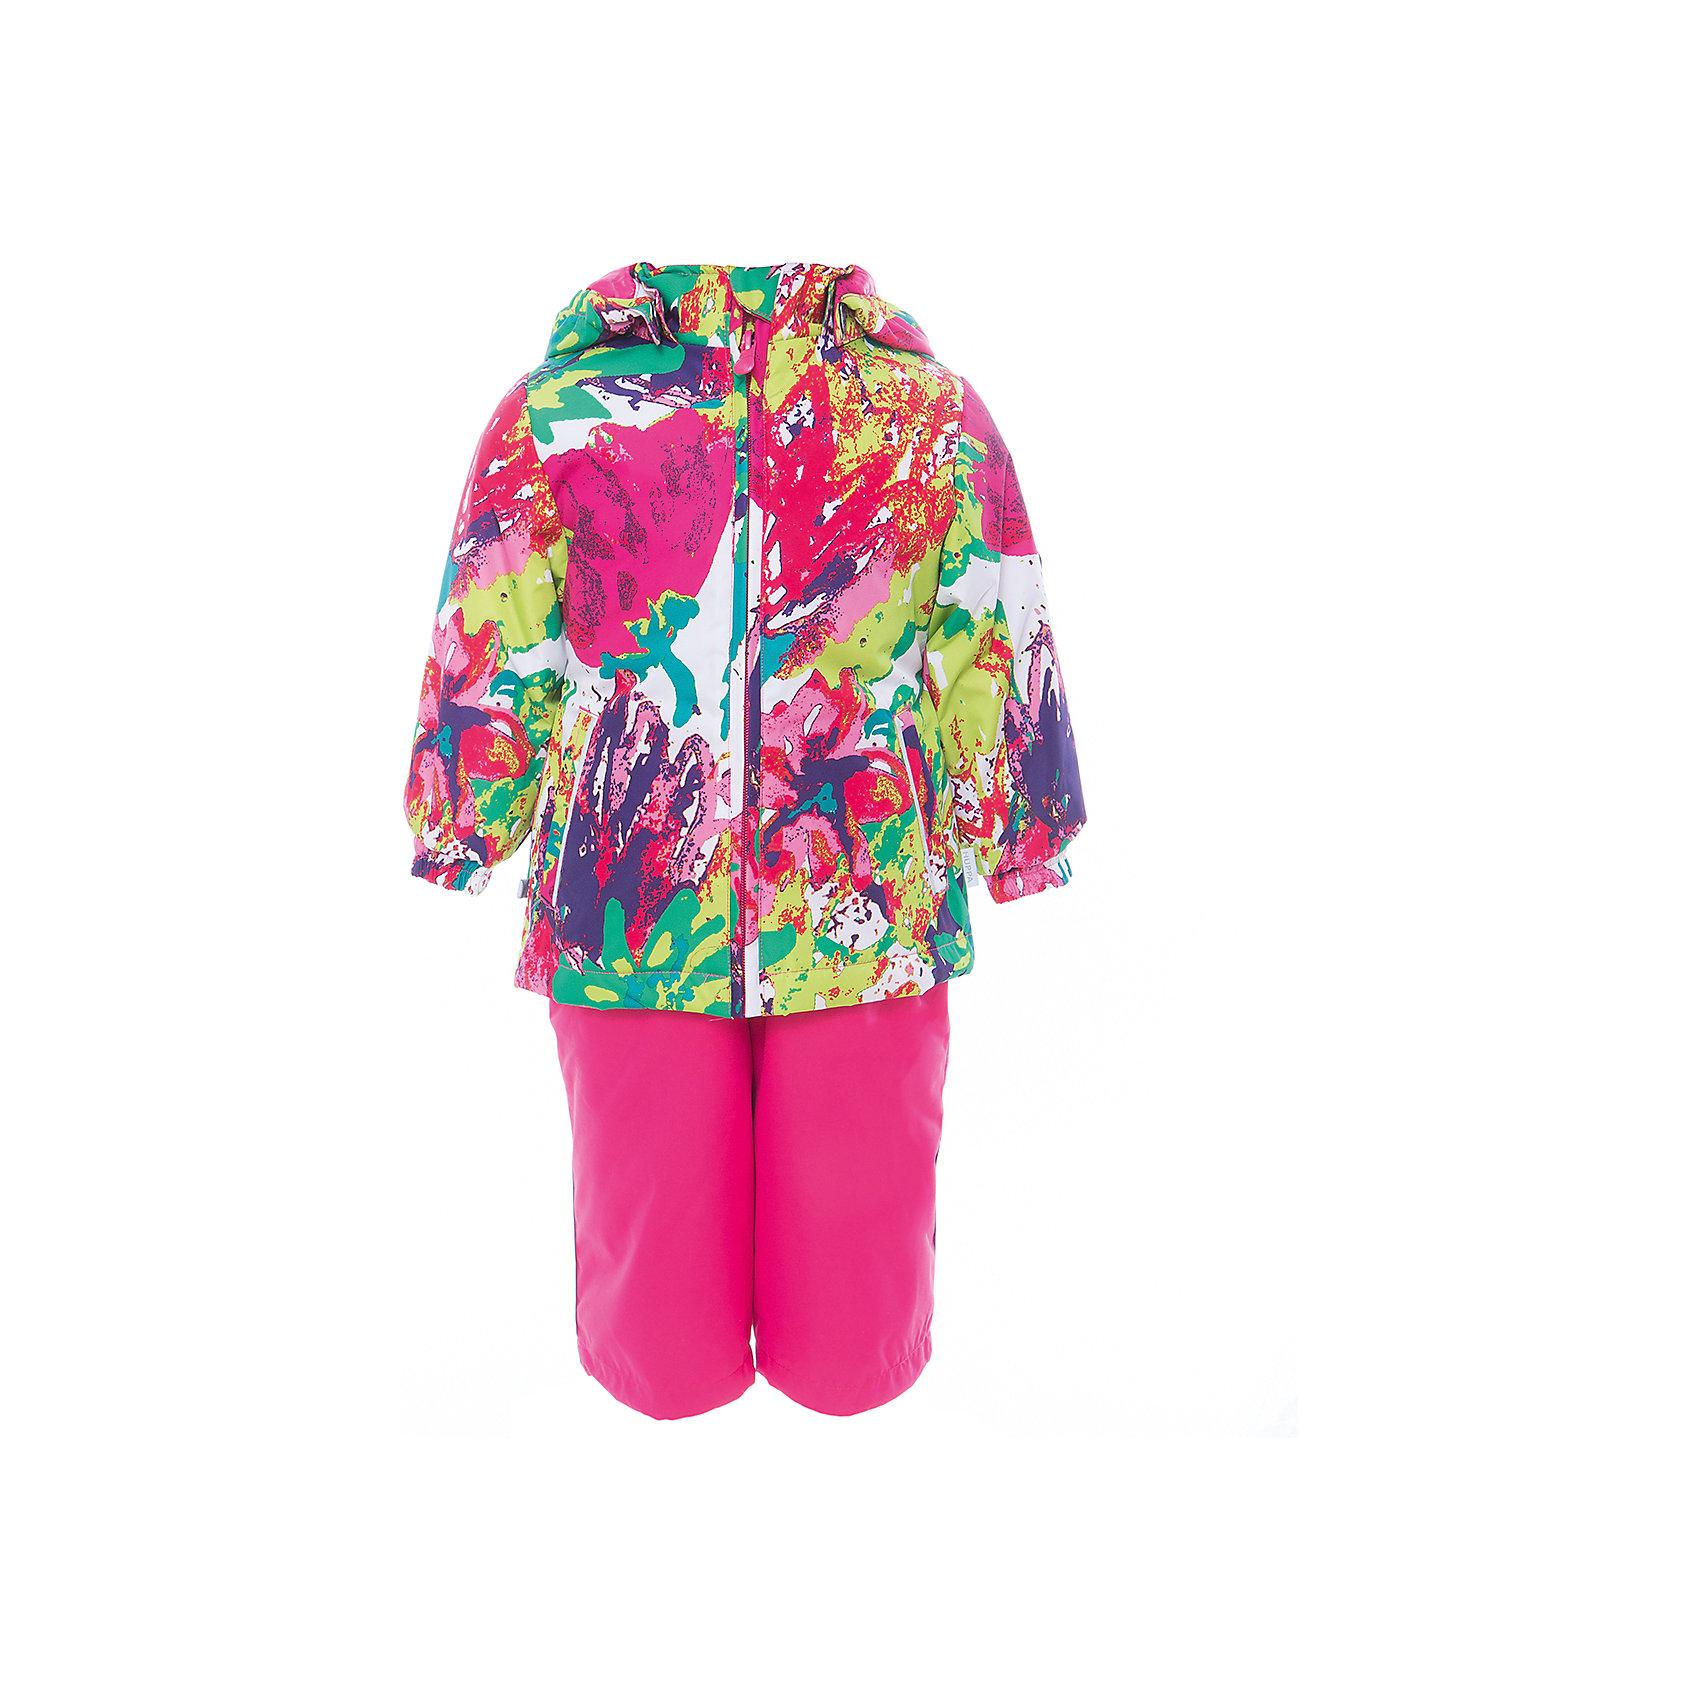 Комплект: куртка и полукомбинезон для девочки YONNE HuppaВерхняя одежда<br>Характеристики товара:<br><br>• цвет: мультиколор/фуксия<br>• комплектация: куртка и полукомбинезон <br>• ткань: 100% полиэстер<br>• подкладка: тафта - 100% полиэстер<br>• утеплитель: куртка и полукомбинезон - 100% полиэстер 100 г.<br>• температурный режим: от -5°С до +10°С<br>• водонепроницаемость: верх - 5000 мм, низ - 10000 мм<br>• воздухопроницаемость: верх - 5000 мм, низ - 10000 мм<br>• светоотражающие детали<br>• шов сидения проклеен<br>• съёмный капюшон с резинкой<br>• защита подбородка от молнии<br>• эластичные манжеты на рукавах<br>• регулируемый низ брючин<br>• эластичный шнур с фиксатором внизу брючин<br>• без внутренних швов<br>• резиновые подтяжки<br>• коллекция: весна-лето 2017<br>• страна бренда: Эстония<br><br>Такой модный демисезонный комплект  обеспечит детям тепло и комфорт. Он сделан из материала, отталкивающего воду, и дополнен подкладкой с утеплителем, поэтому изделие идеально подходит для межсезонья. Материал изделий - с мембранной технологией: защищая от влаги и ветра, он легко выводит лишнюю влагу наружу. Комплект очень симпатично смотрится. <br><br>Одежда и обувь от популярного эстонского бренда Huppa - отличный вариант одеть ребенка можно и комфортно. Вещи, выпускаемые компанией, качественные, продуманные и очень удобные. Для производства изделий используются только безопасные для детей материалы. Продукция от Huppa порадует и детей, и их родителей!<br><br>Комплект: куртка и полукомбинезон YONNE от бренда Huppa (Хуппа) можно купить в нашем интернет-магазине.<br><br>Ширина мм: 356<br>Глубина мм: 10<br>Высота мм: 245<br>Вес г: 519<br>Цвет: белый<br>Возраст от месяцев: 72<br>Возраст до месяцев: 84<br>Пол: Женский<br>Возраст: Детский<br>Размер: 122,80,86,92,98,104,110,116<br>SKU: 5346627